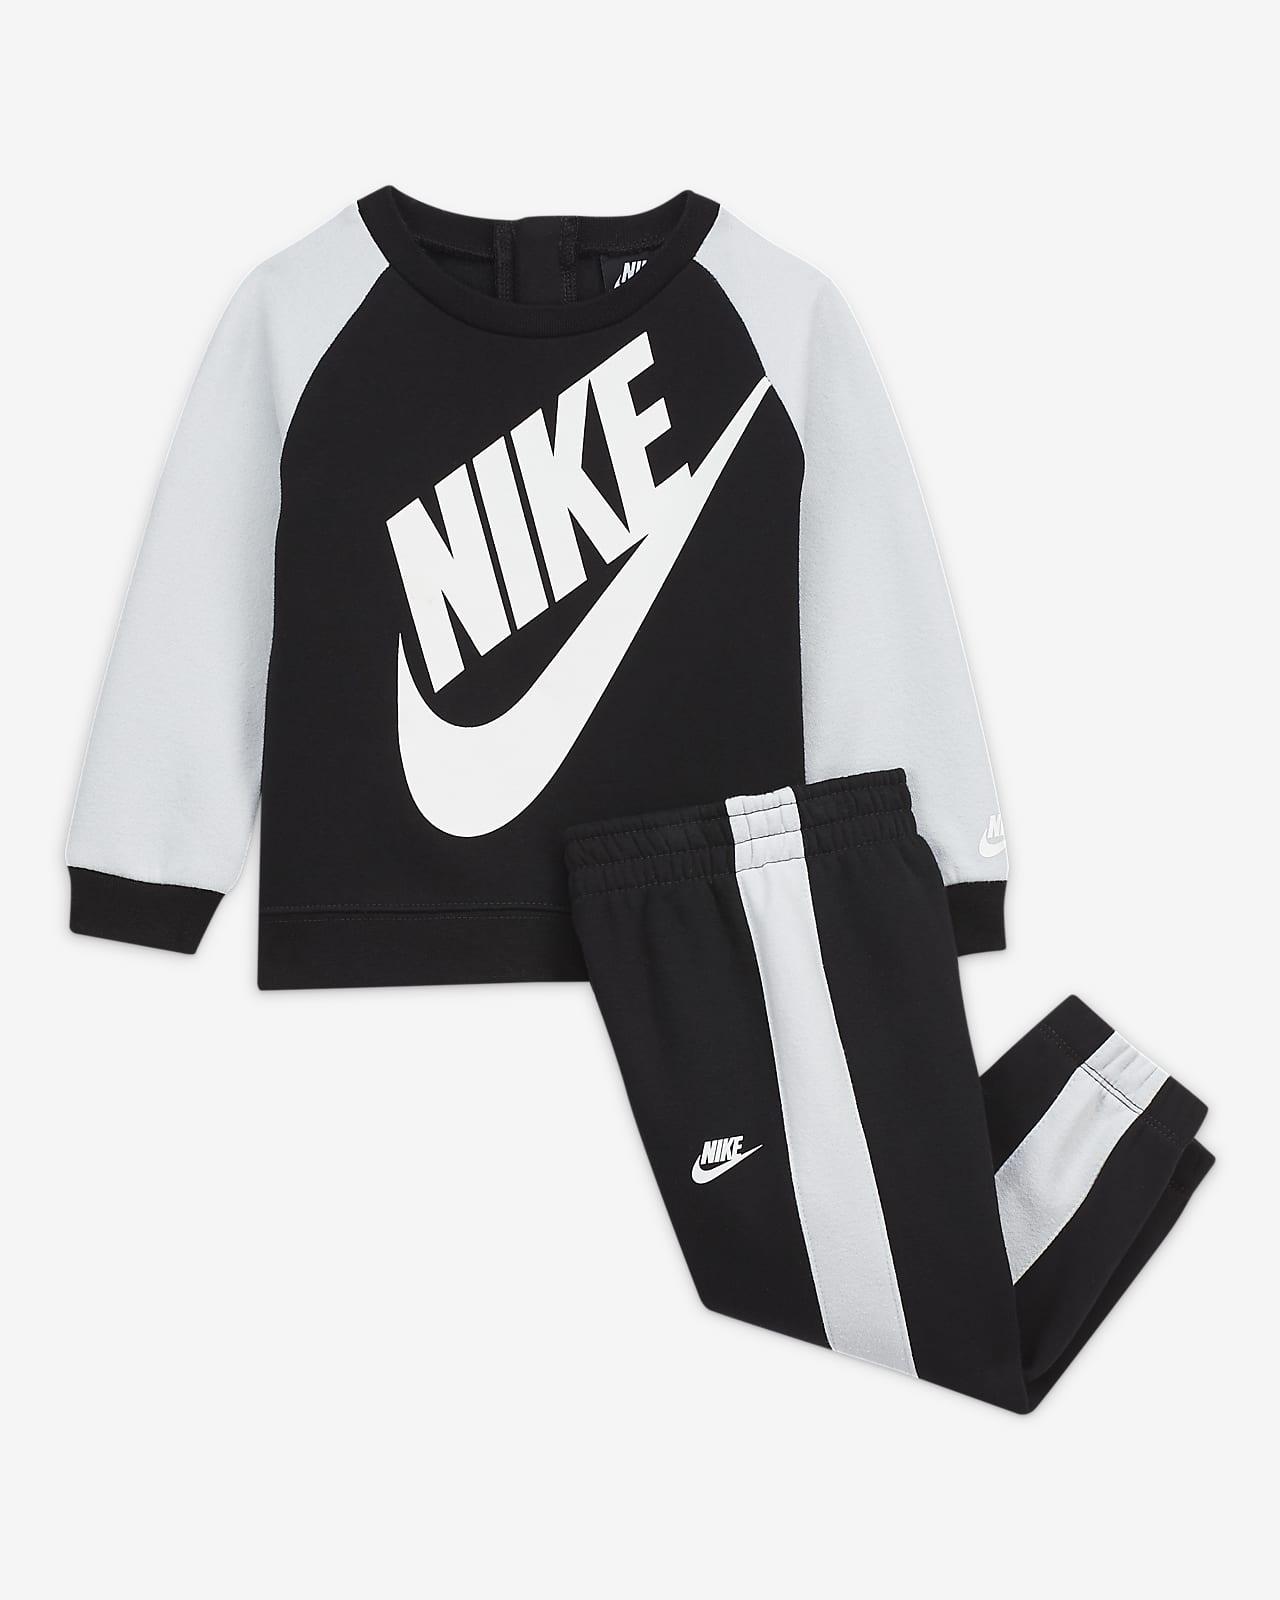 Ensemble haut et pantalon Nike pour Bébé (12 - 24mois)